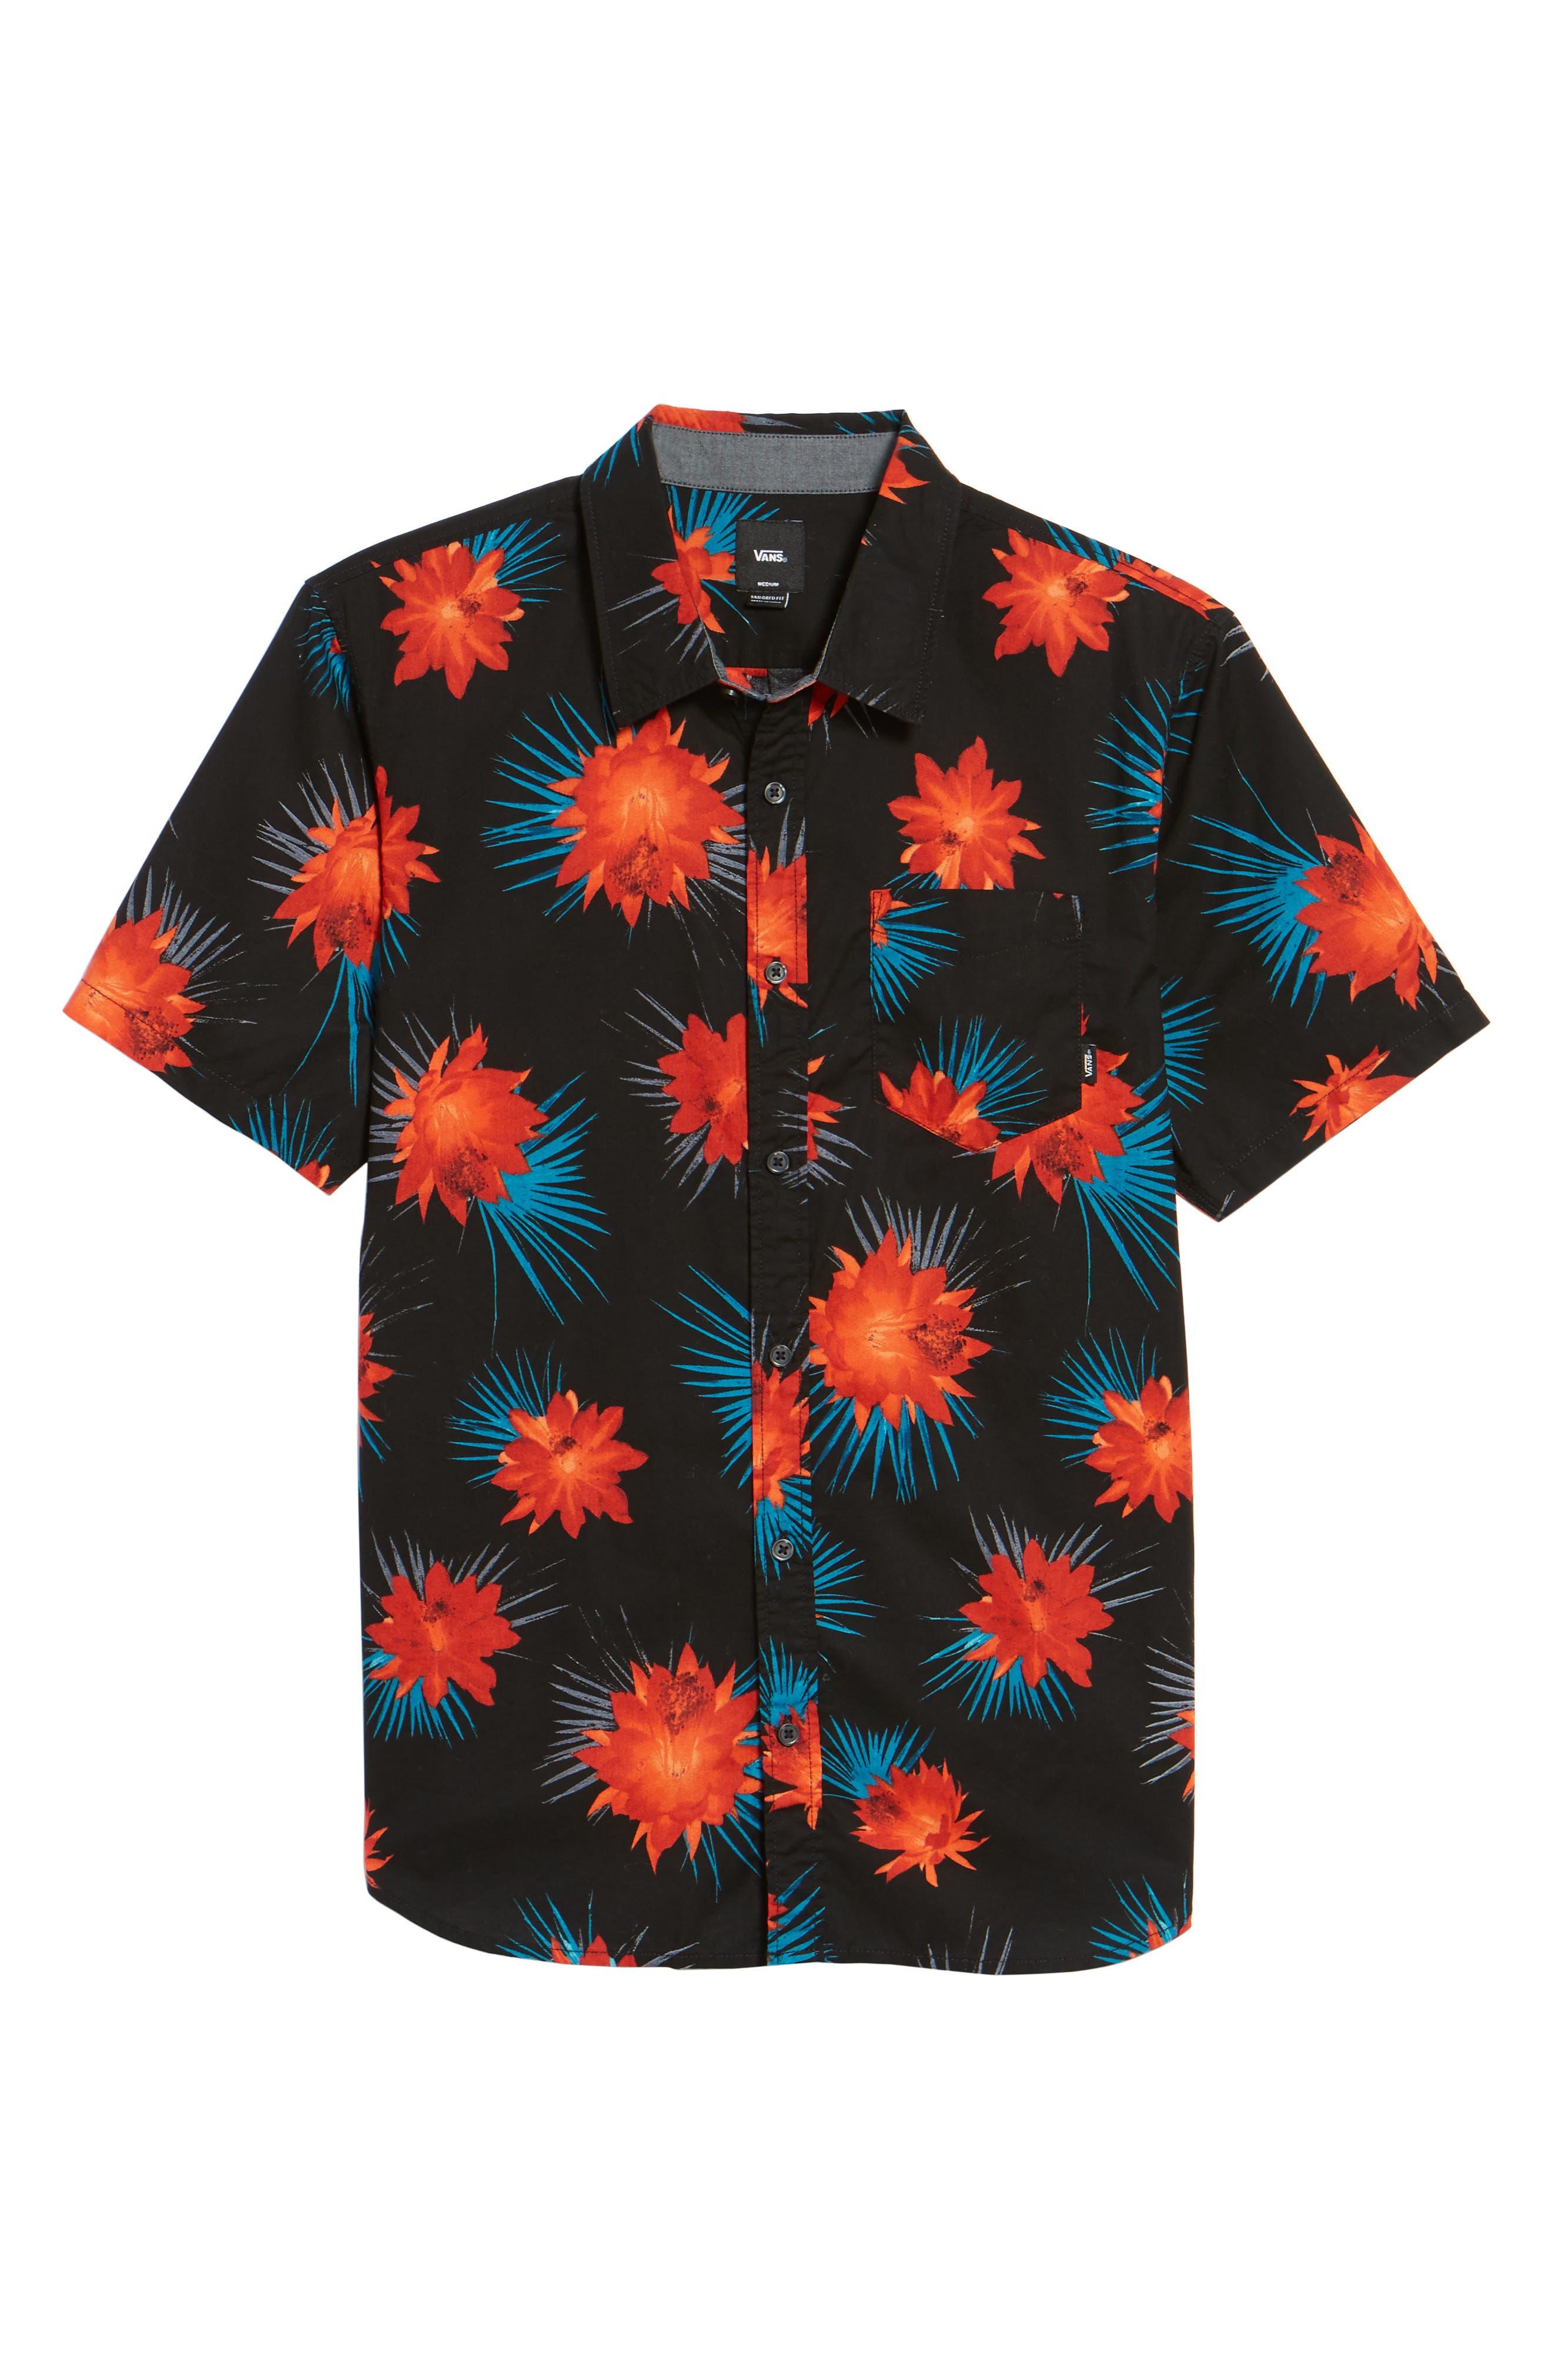 Cultivar Woven Shirt,                             Alternate thumbnail 6, color,                             Cactus Floral